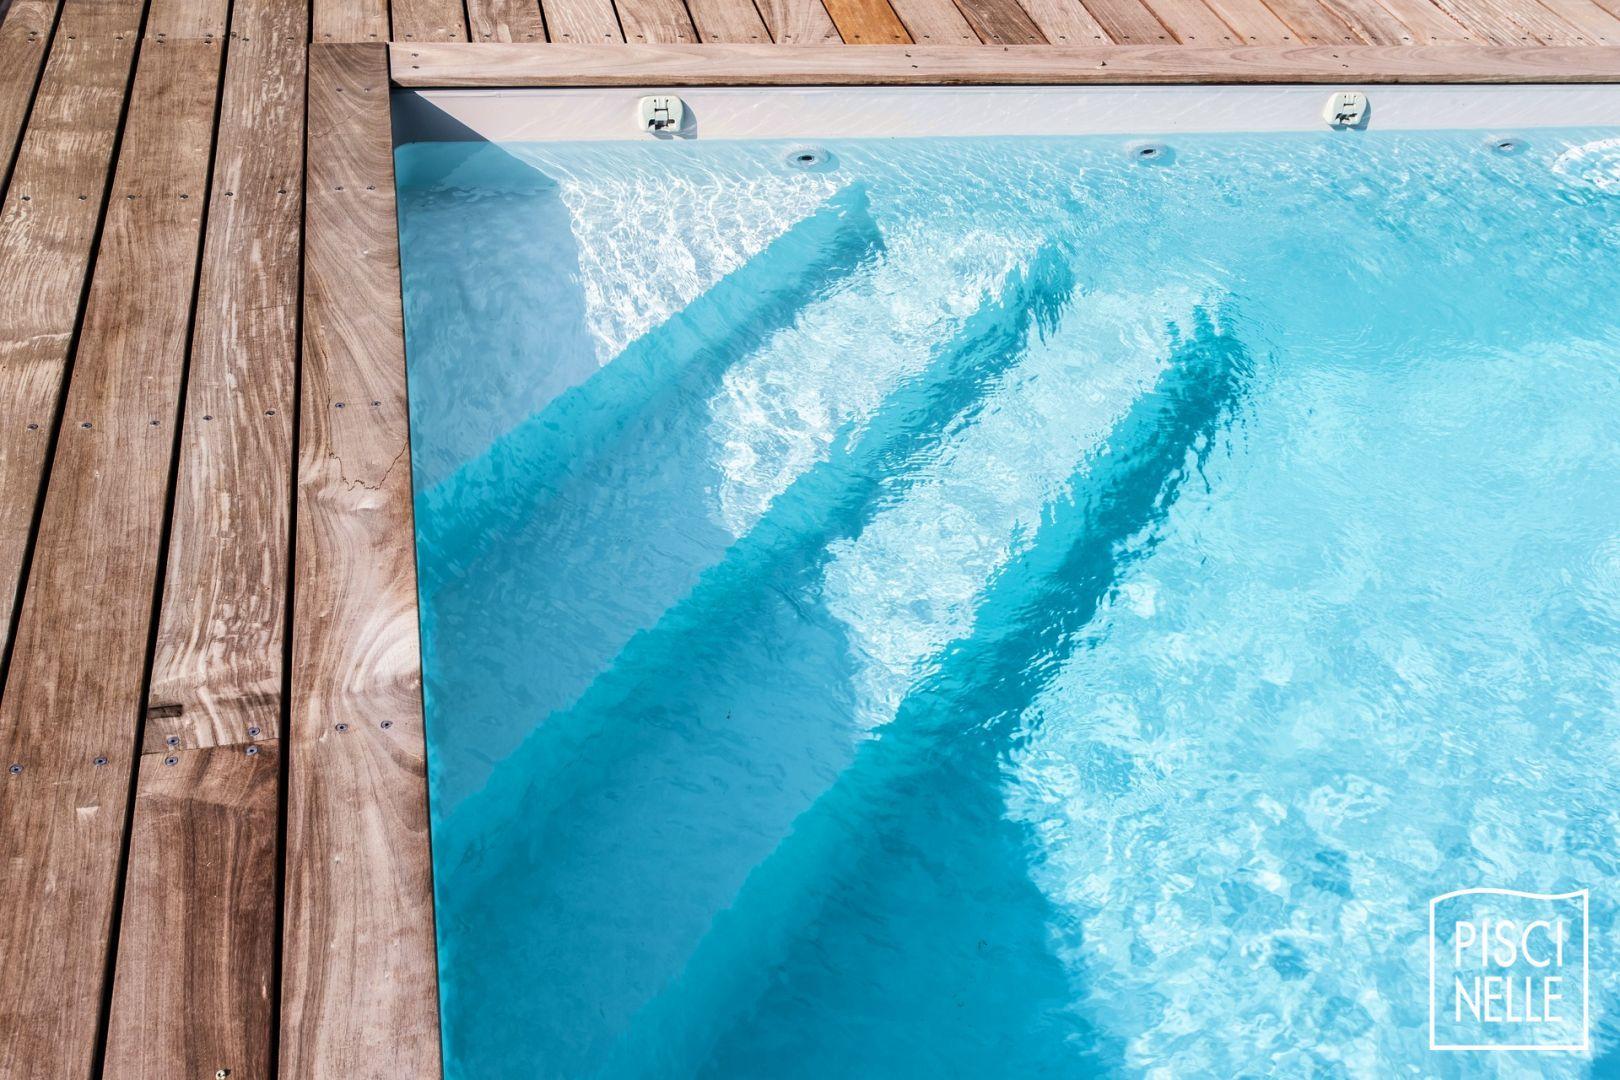 Rénovation Piscine + Terrasse | Piscine, Escalier Piscine ... avec Escalier Piscine À Poser Sur Liner